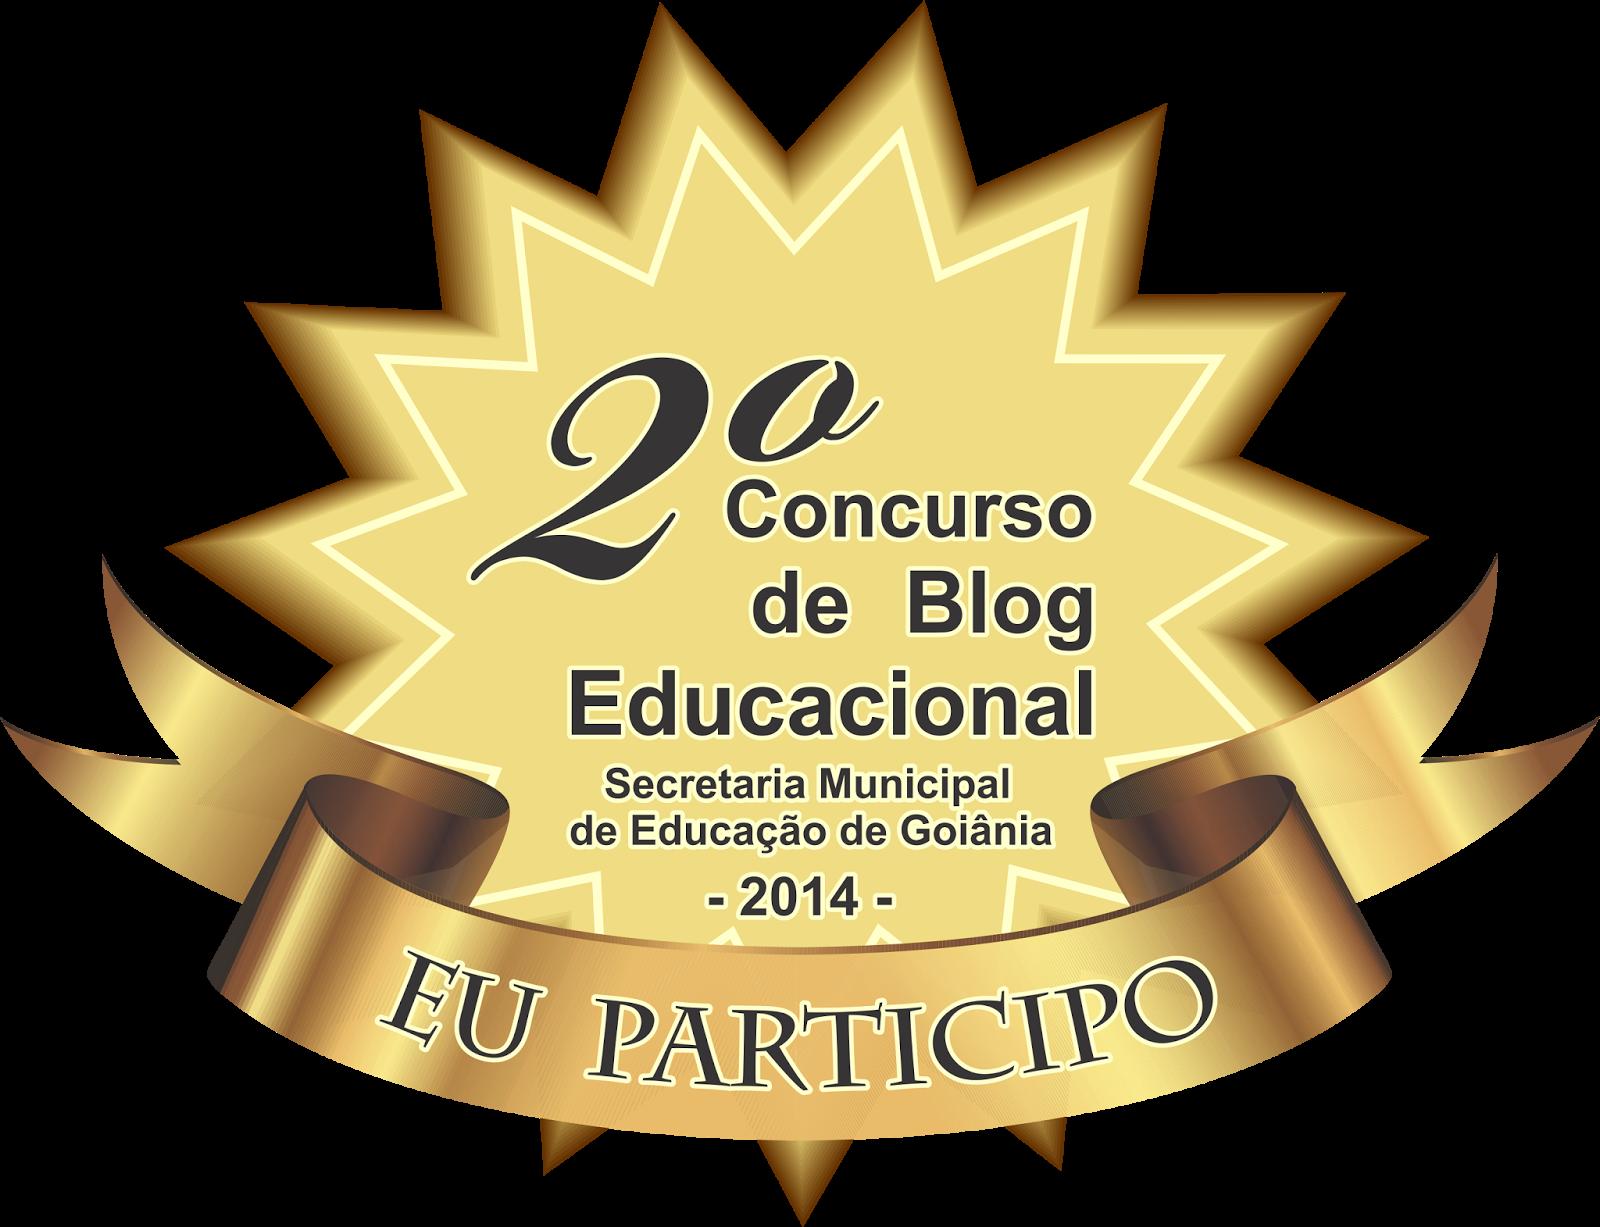 2º Concurso de Blog